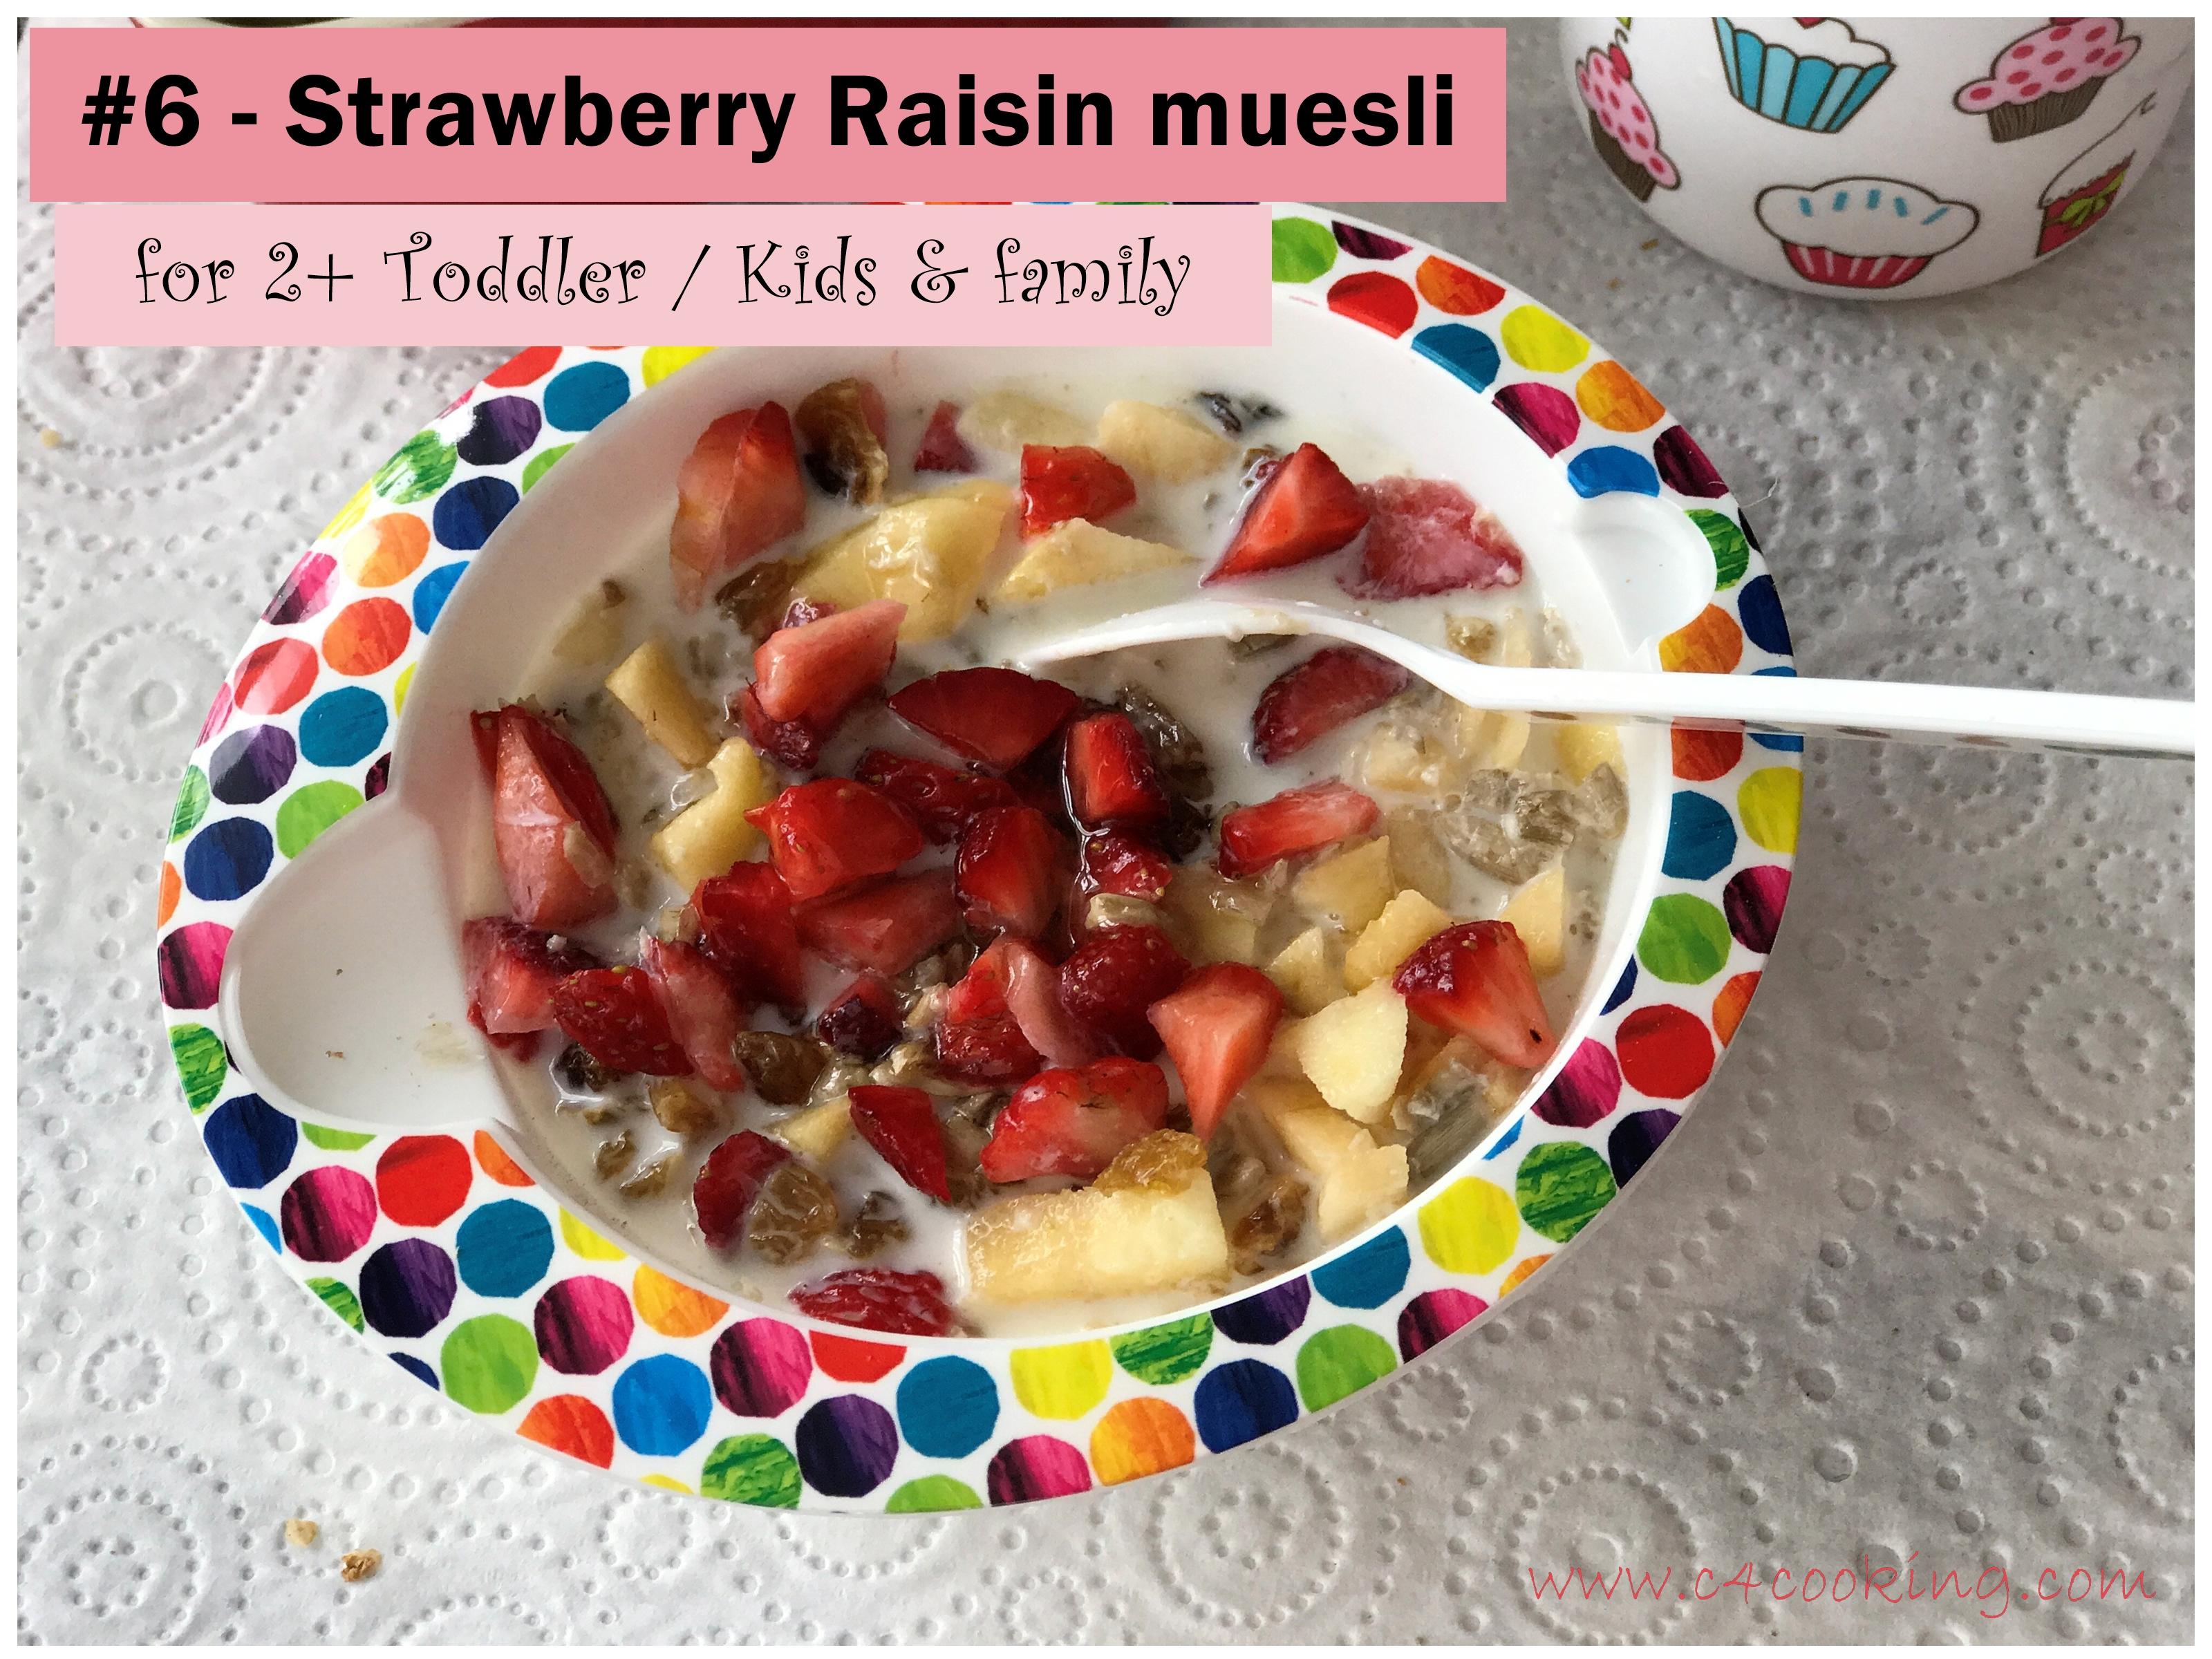 Strawberry raisin muesli recipe, c4cooking.com